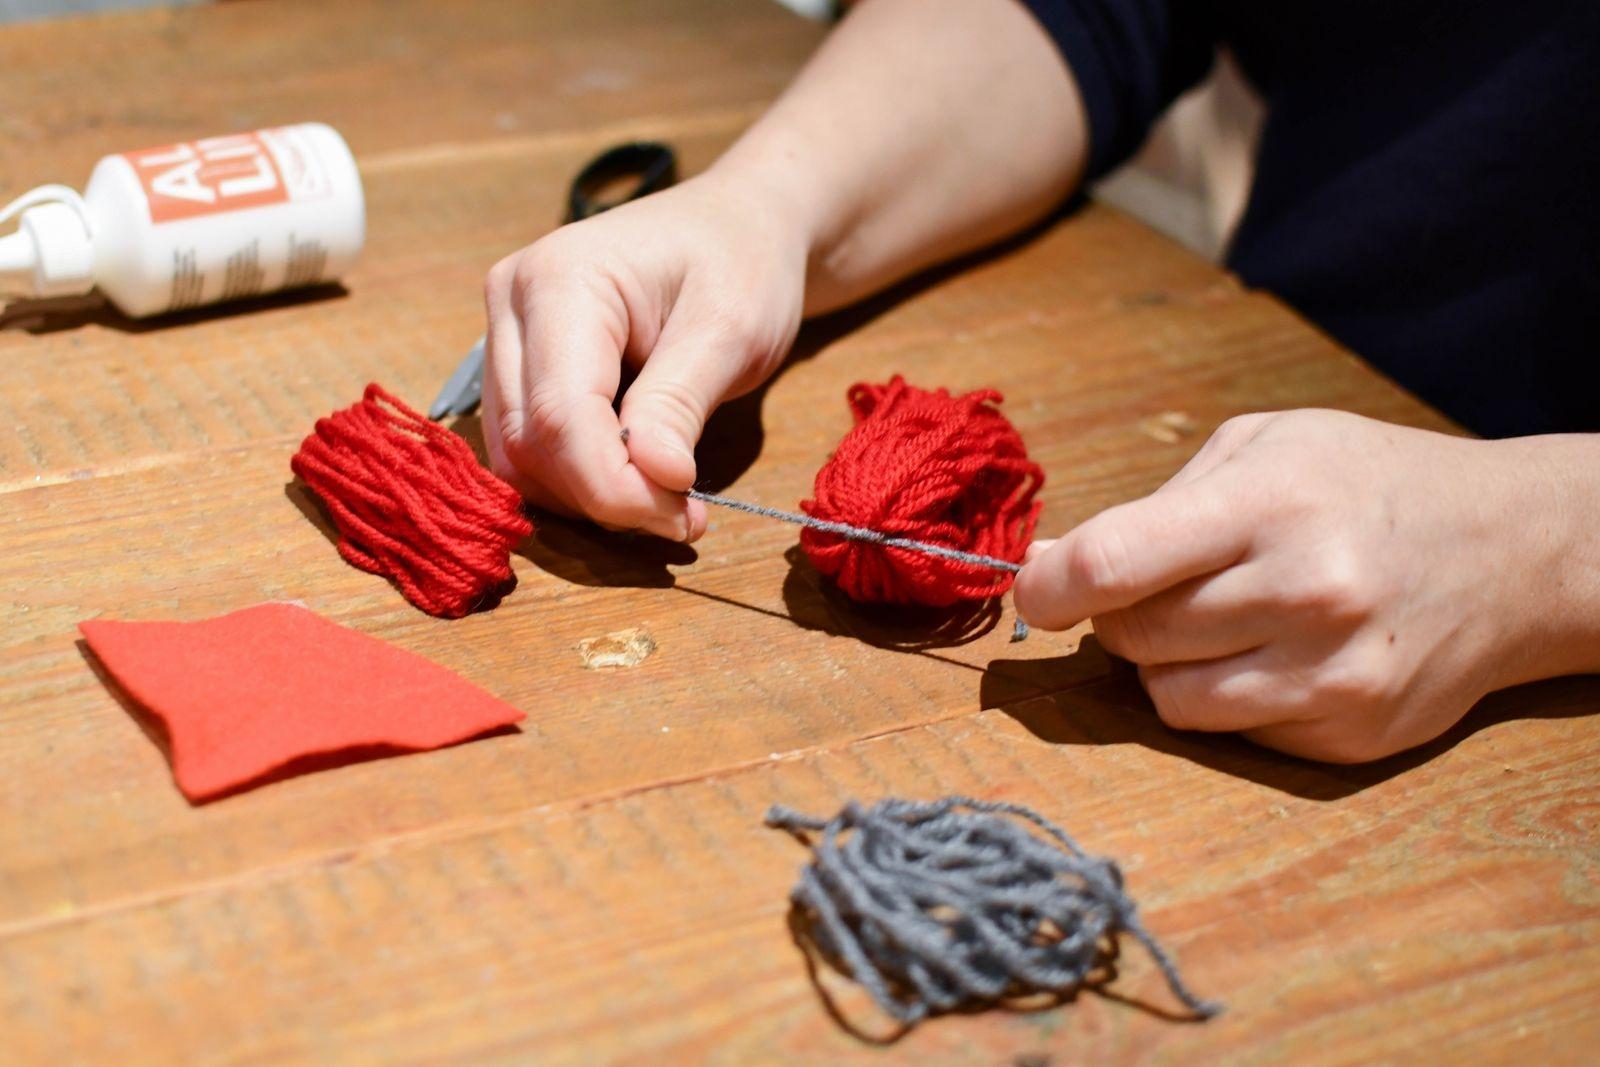 Lossa garnhärvorna försiktigt från kartongbiten som du lindat dem kring. Knyt ihop toppen av den längsta garnhärvan med en bit tråd.